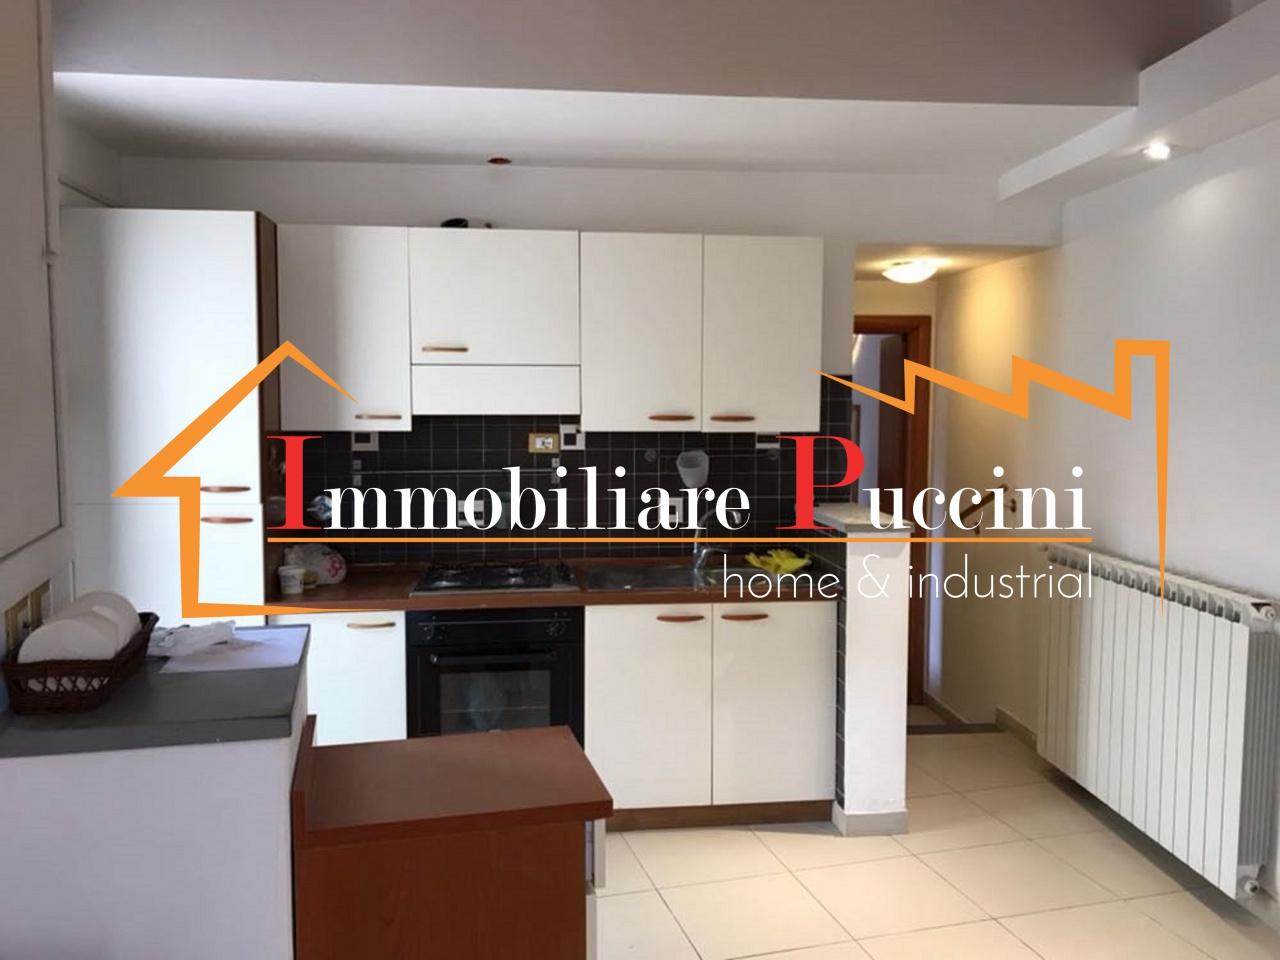 Appartamento in vendita a Calenzano, 2 locali, prezzo € 150.000 | CambioCasa.it